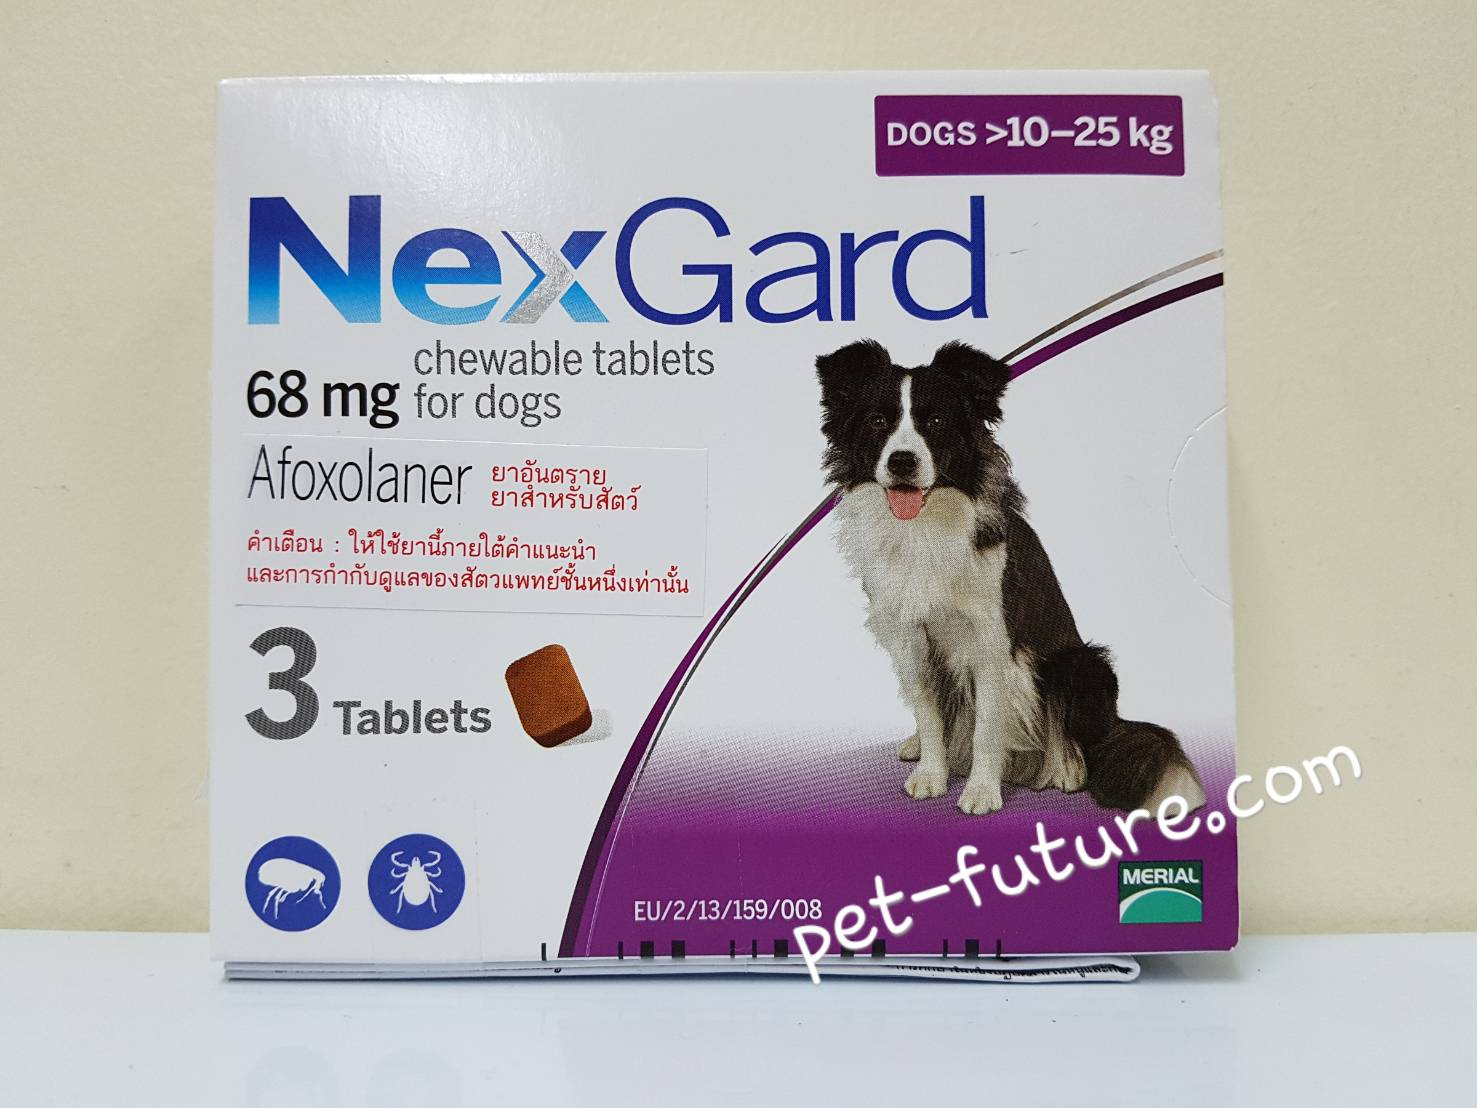 NexGard dogs 10-25 kg. Exp.10/20 ขนาด 68 mg.